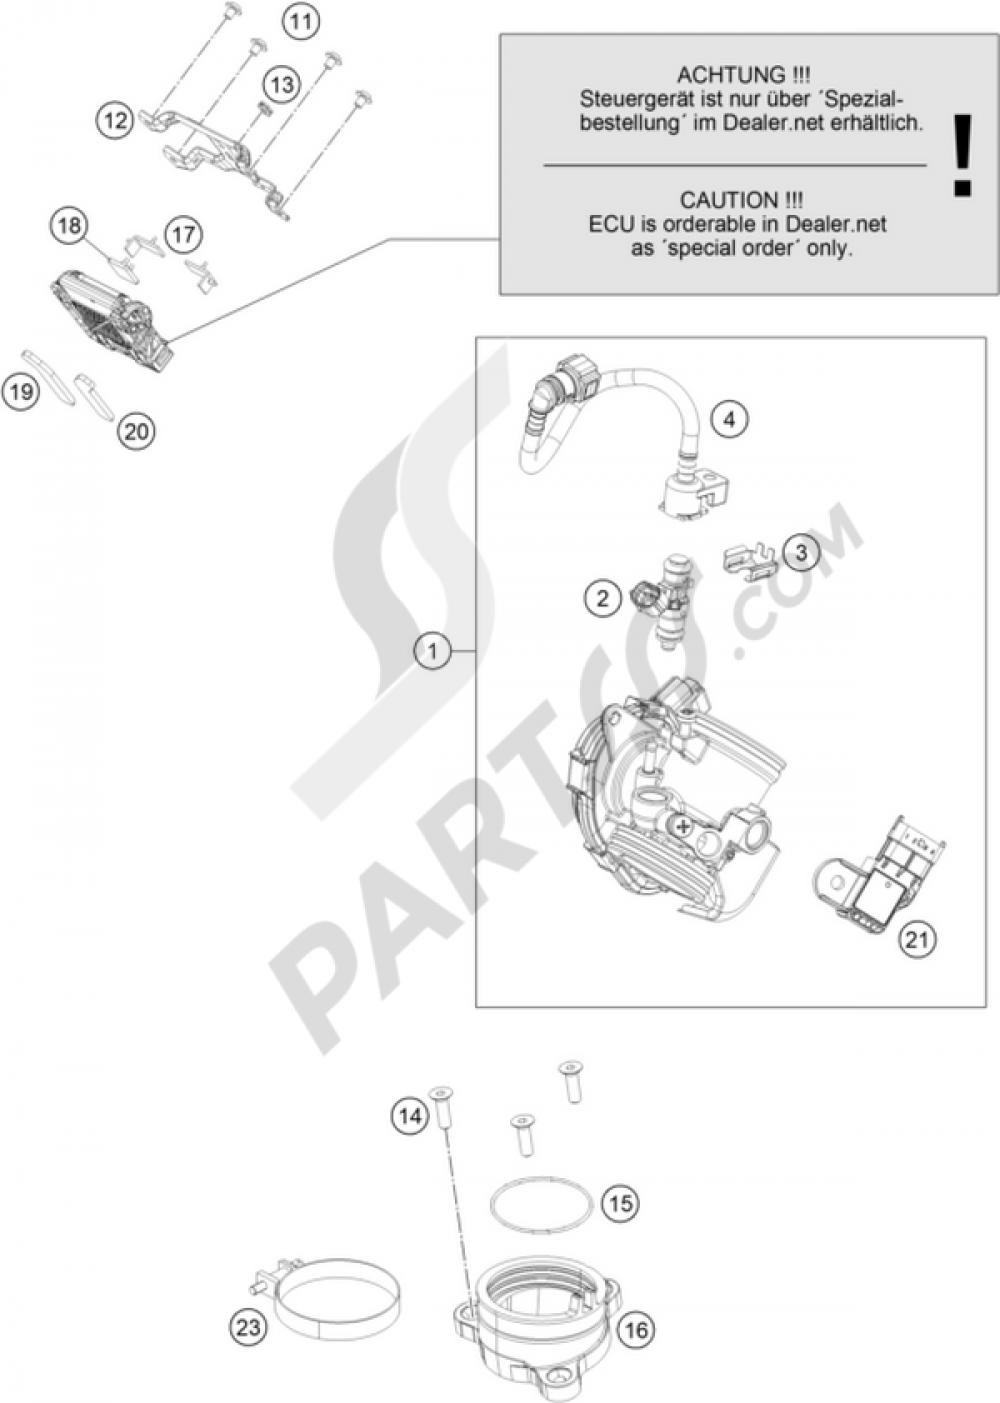 Throttle Body Ktm Rc 390 White Abs 2015 Eu Duke Wiring Diagram